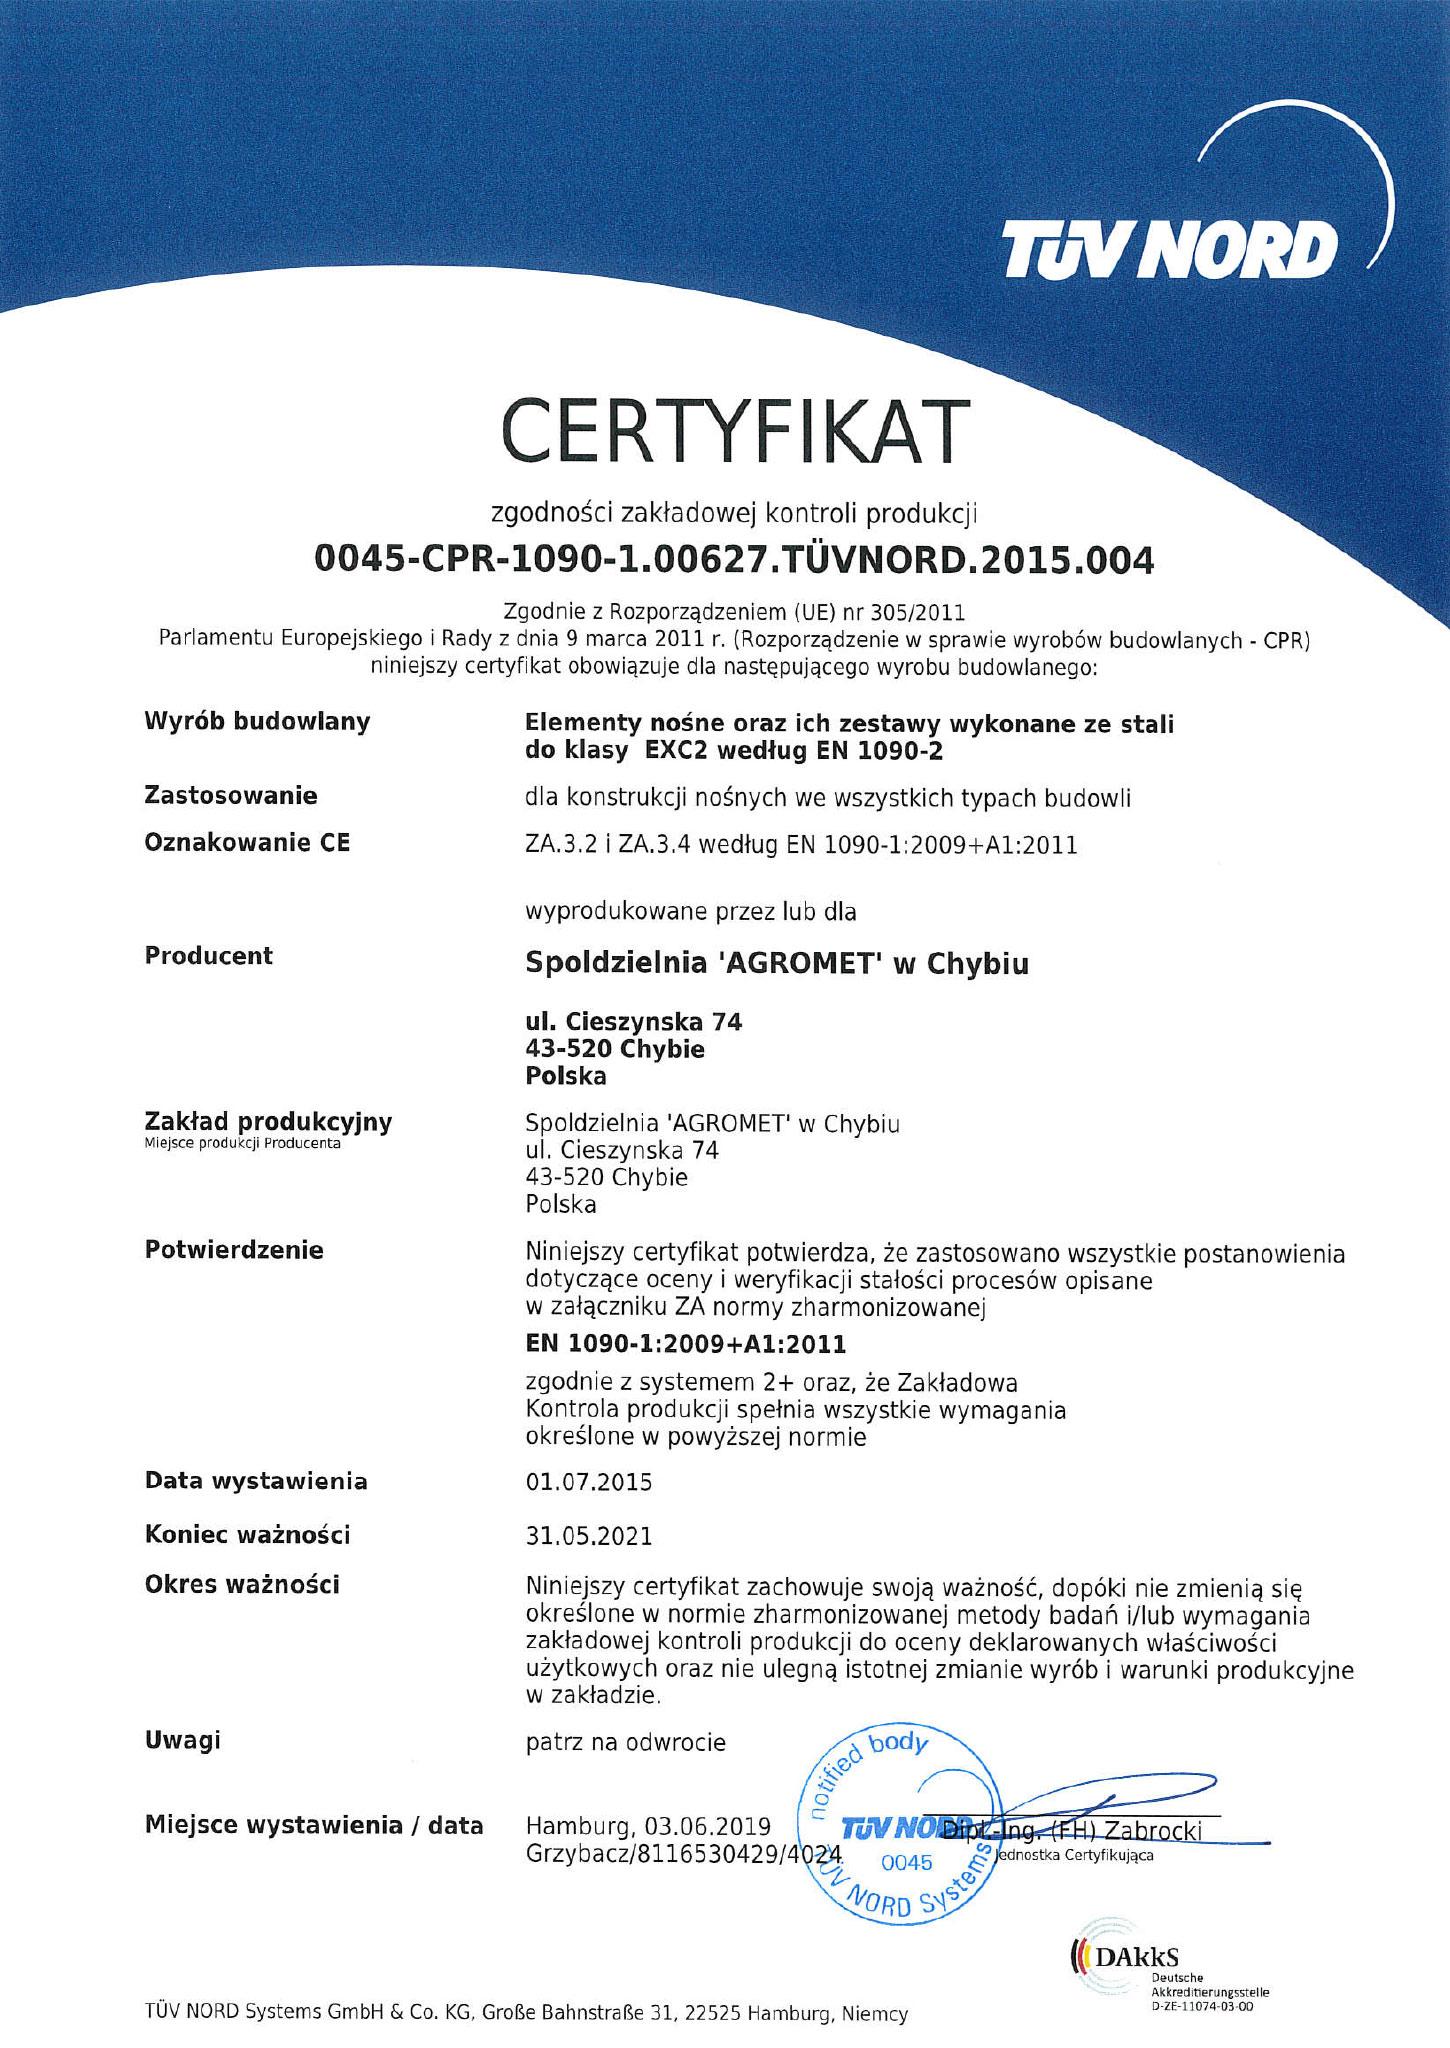 cert-1092-thumb